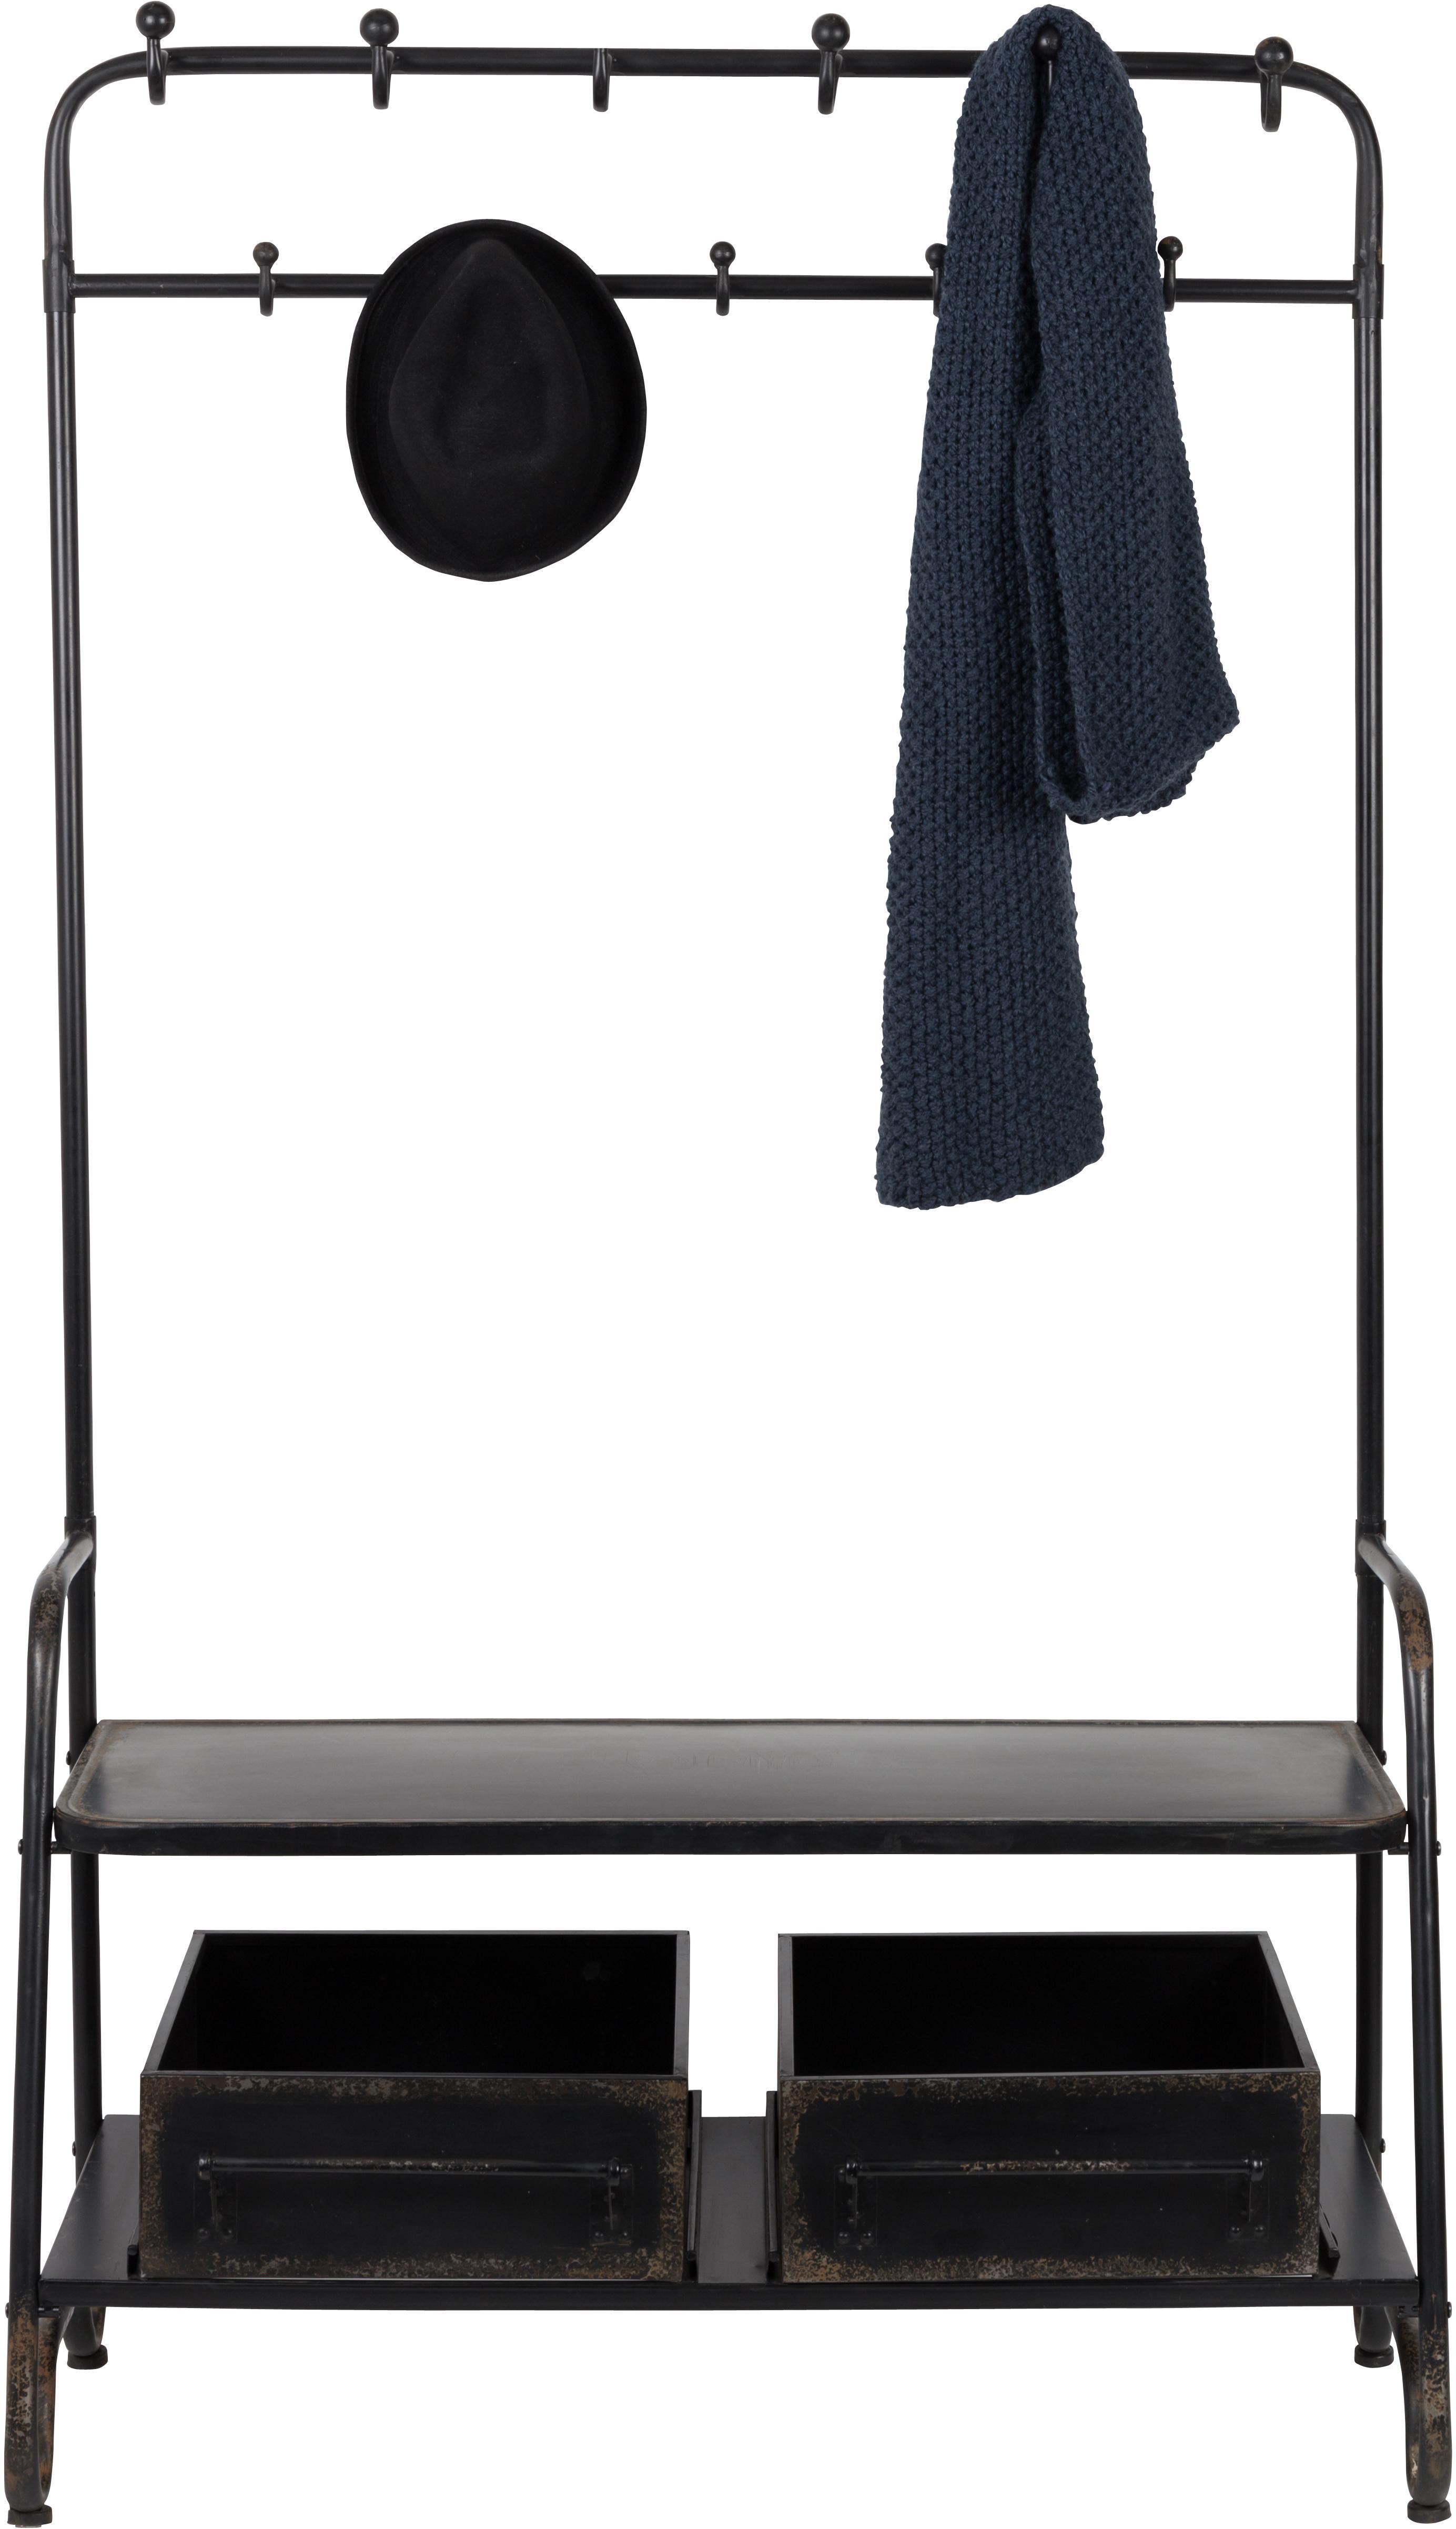 Moderne Garderobe Lucius, Metall, pulverbeschichtet, Schwarz, mit gewollten Gebrauchsspuren, 104 x 182 cm